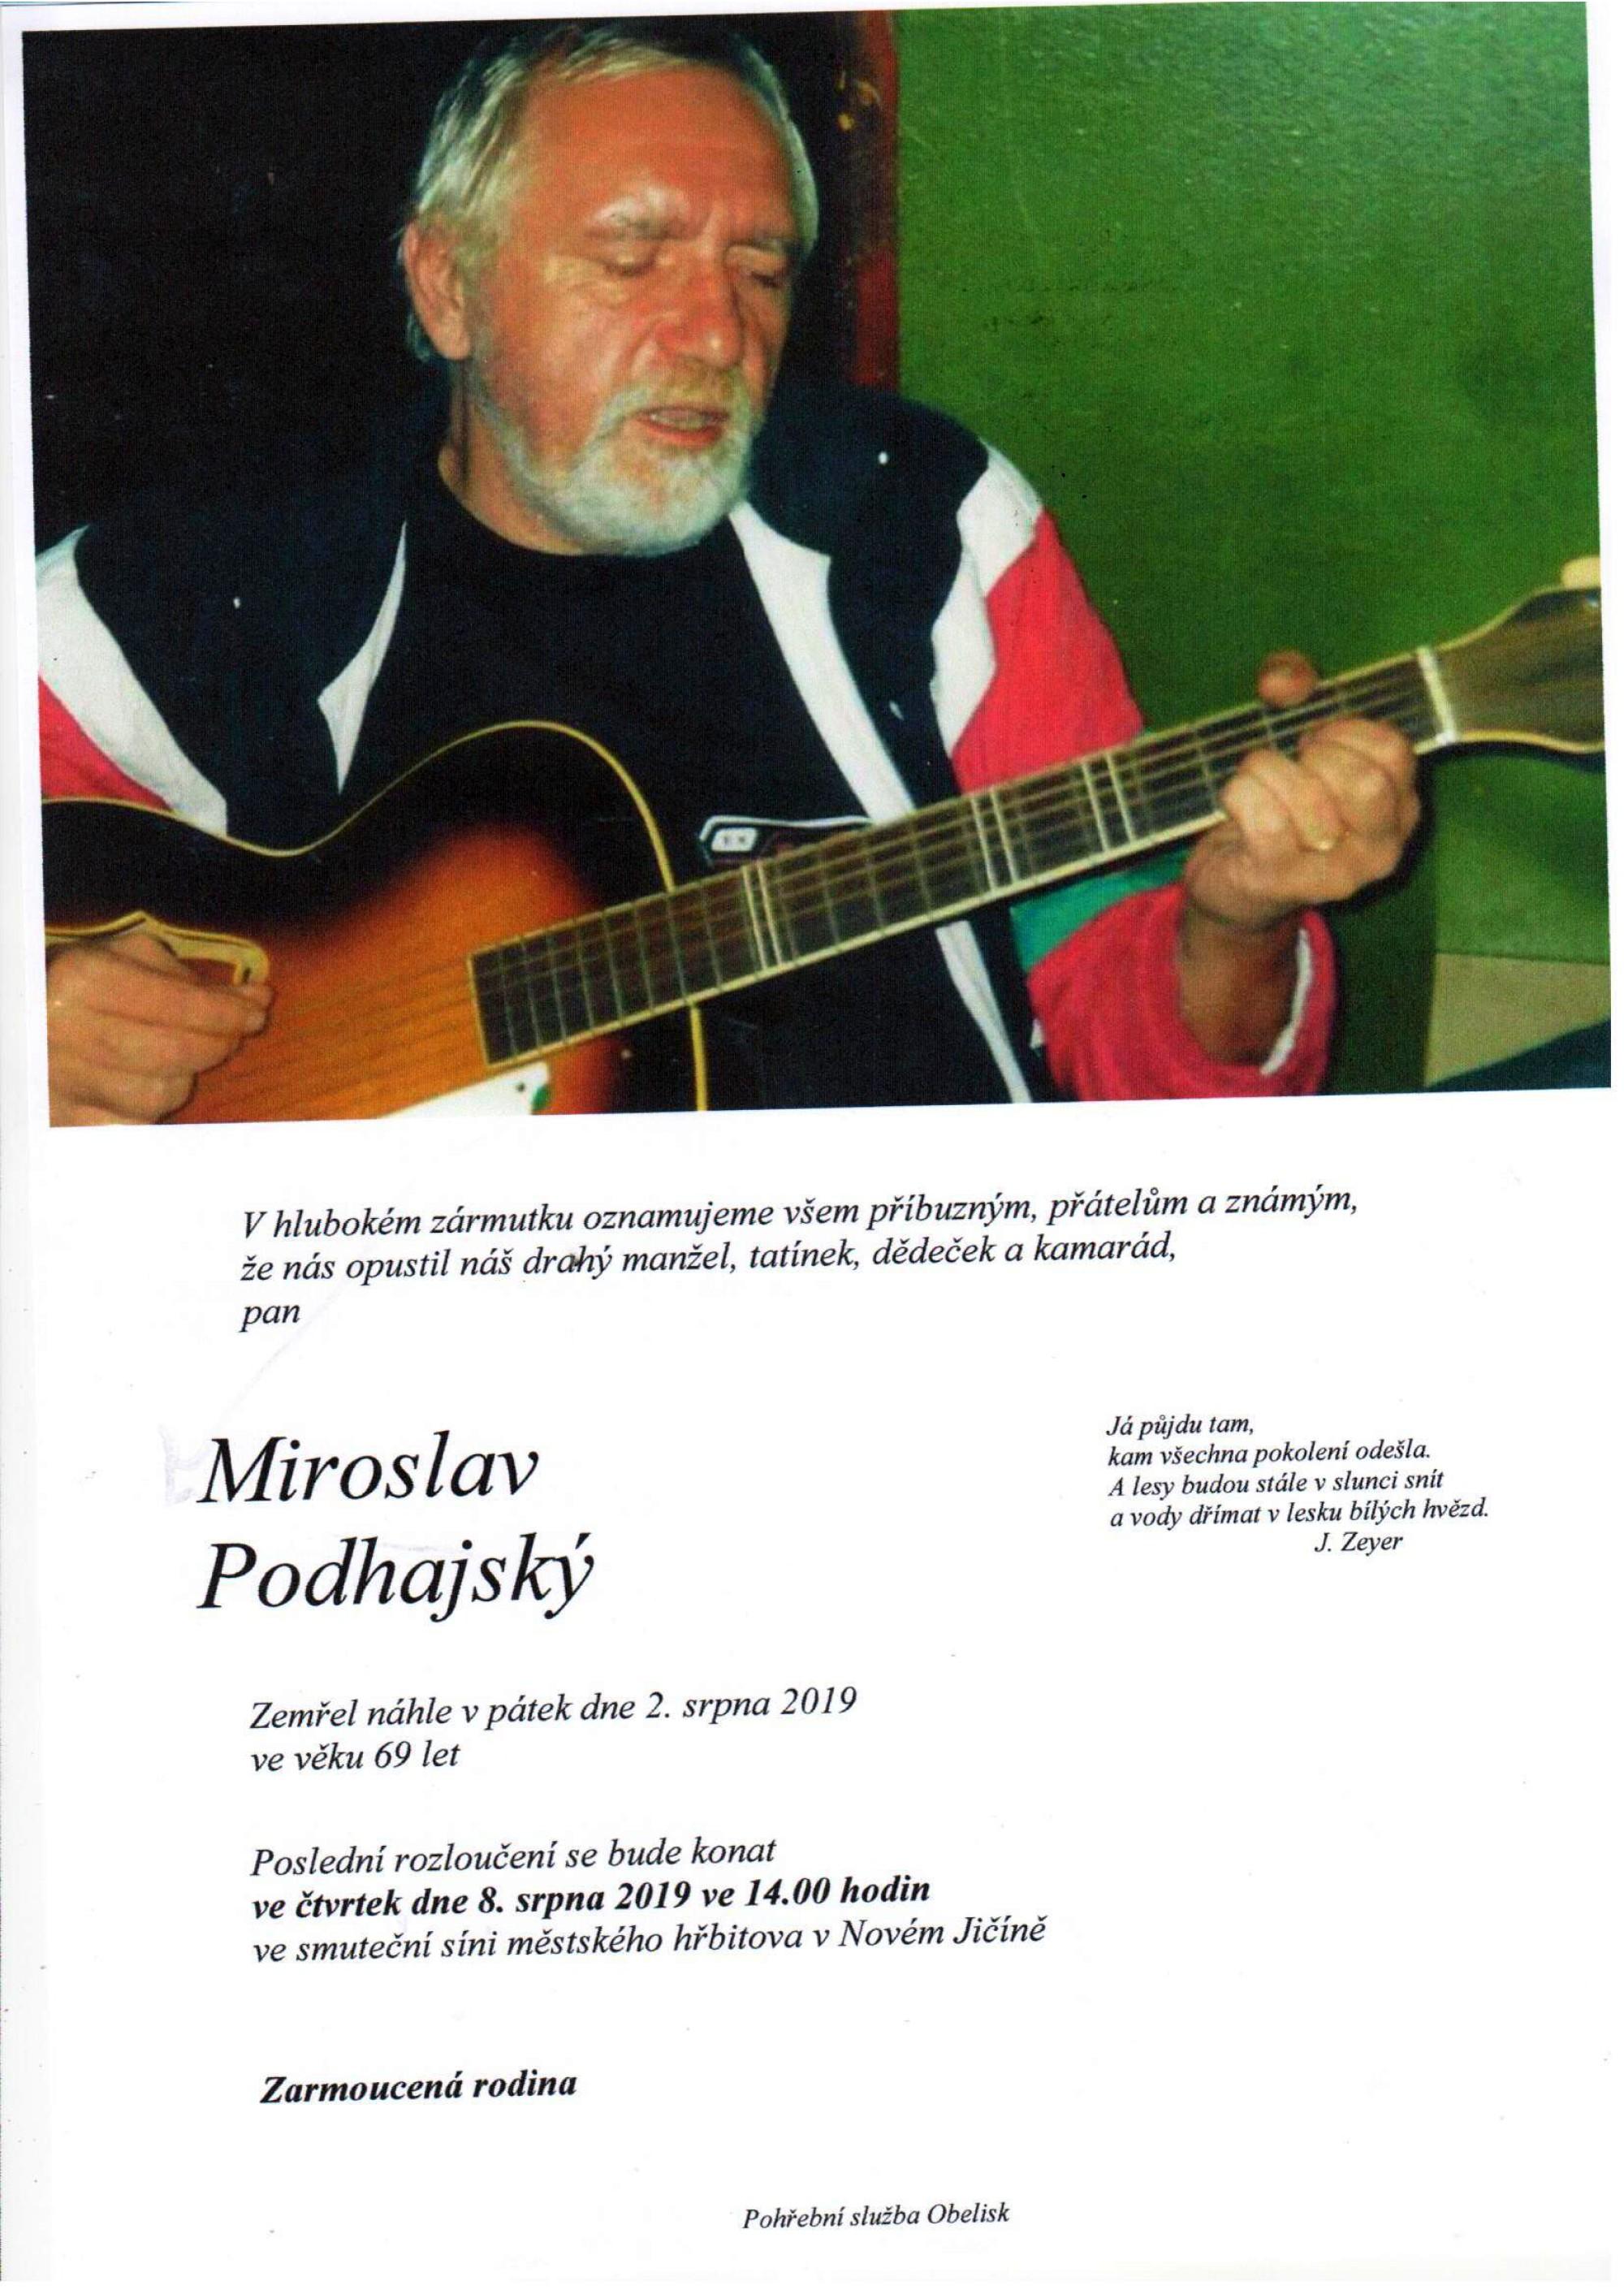 Miroslav Podhajský